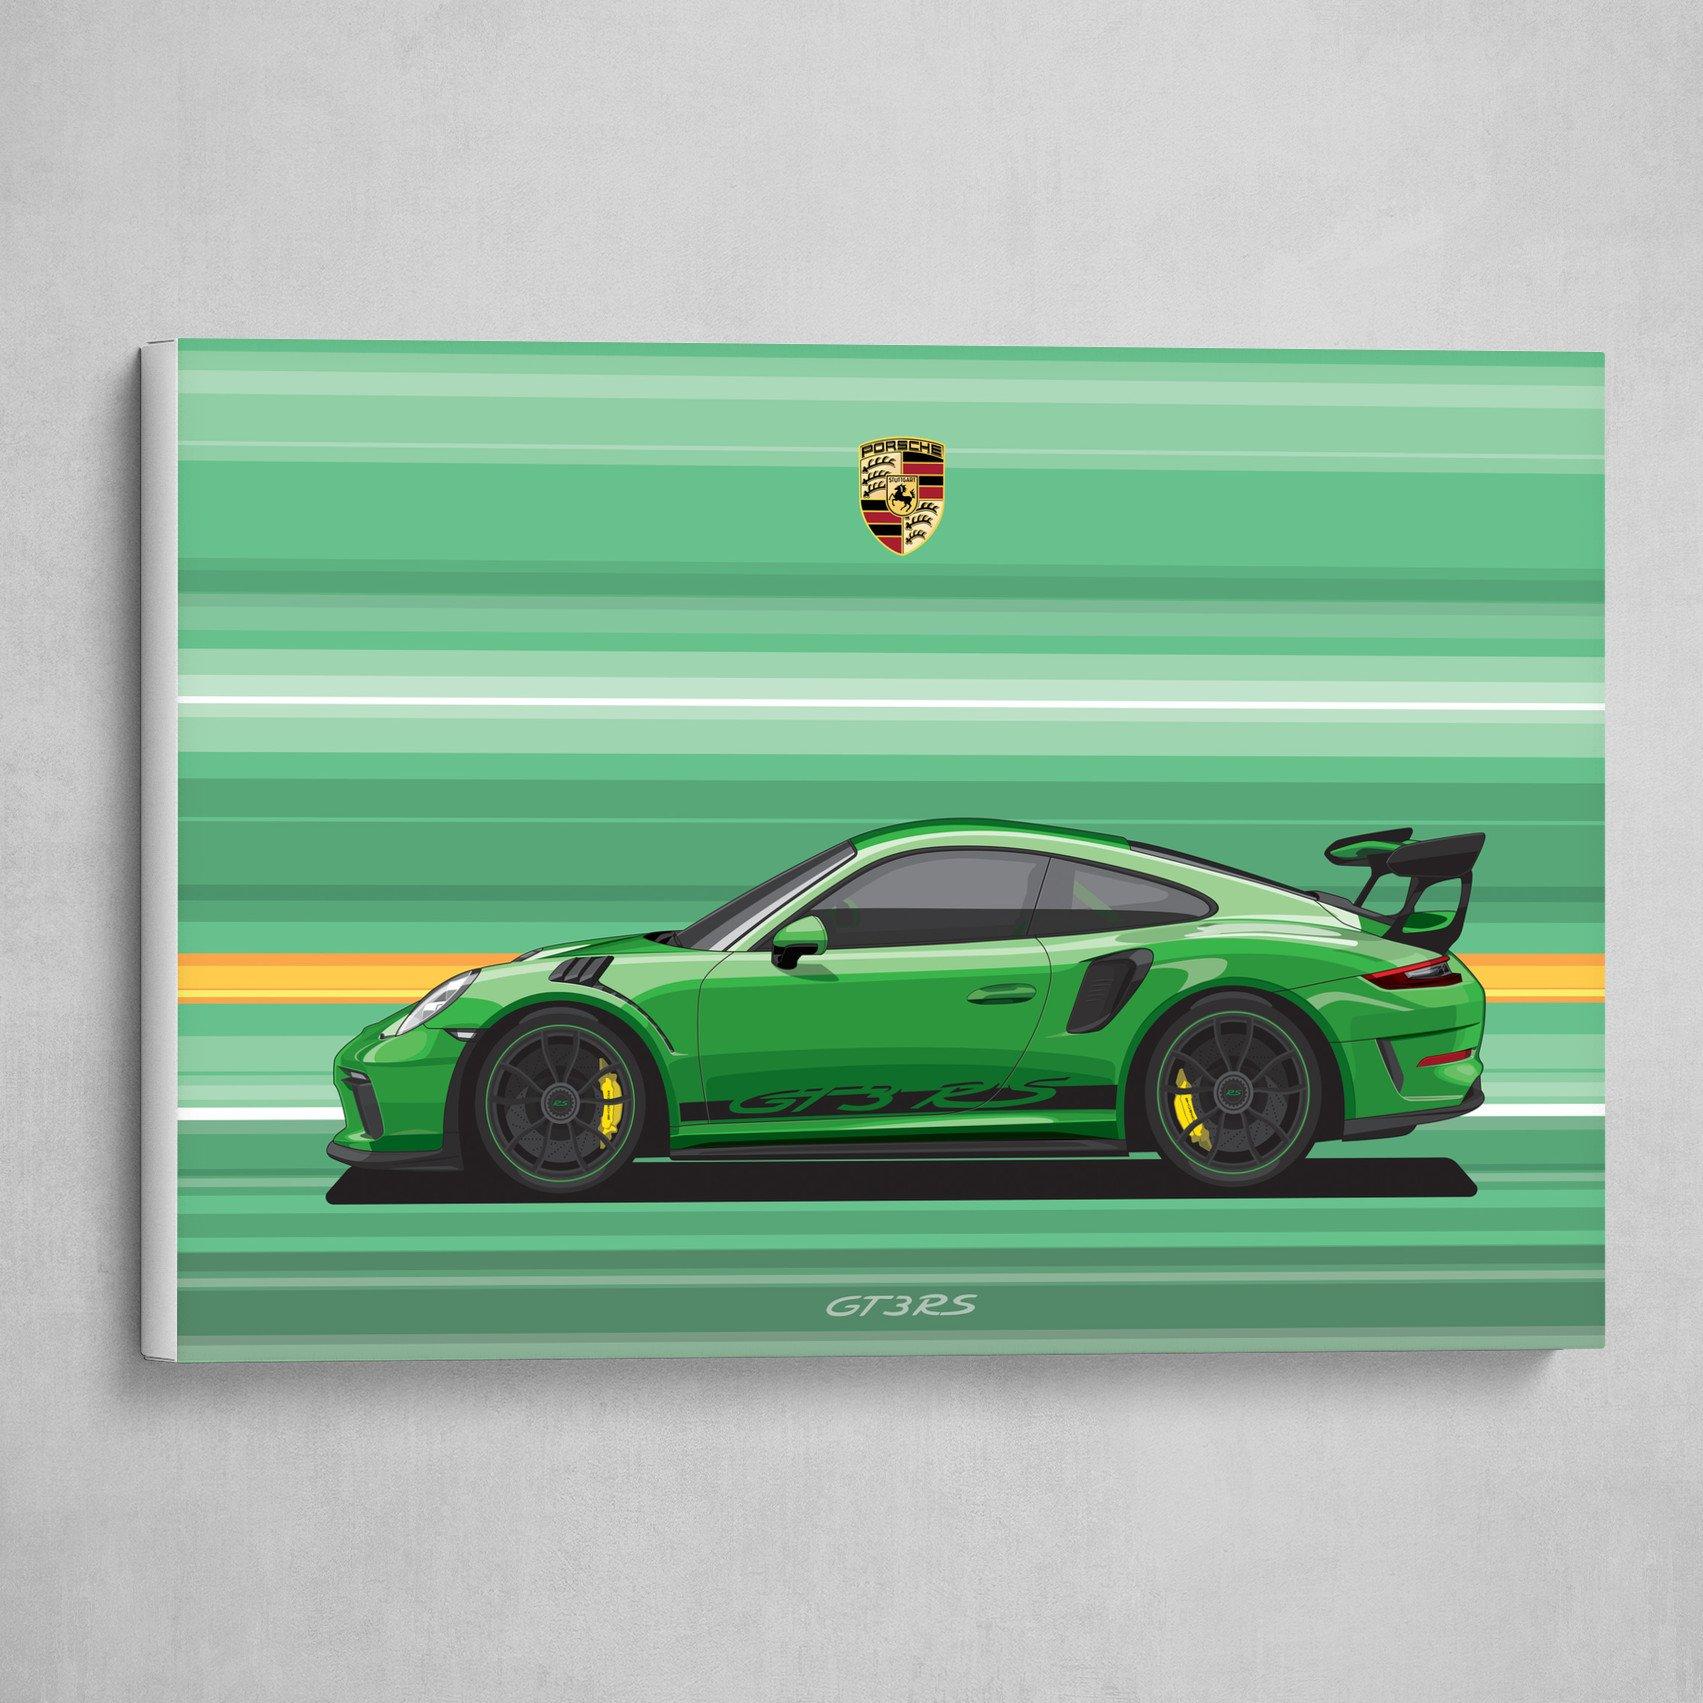 Artstation Porsche 911 Gt3 Rs Car Flat Vector Art Print